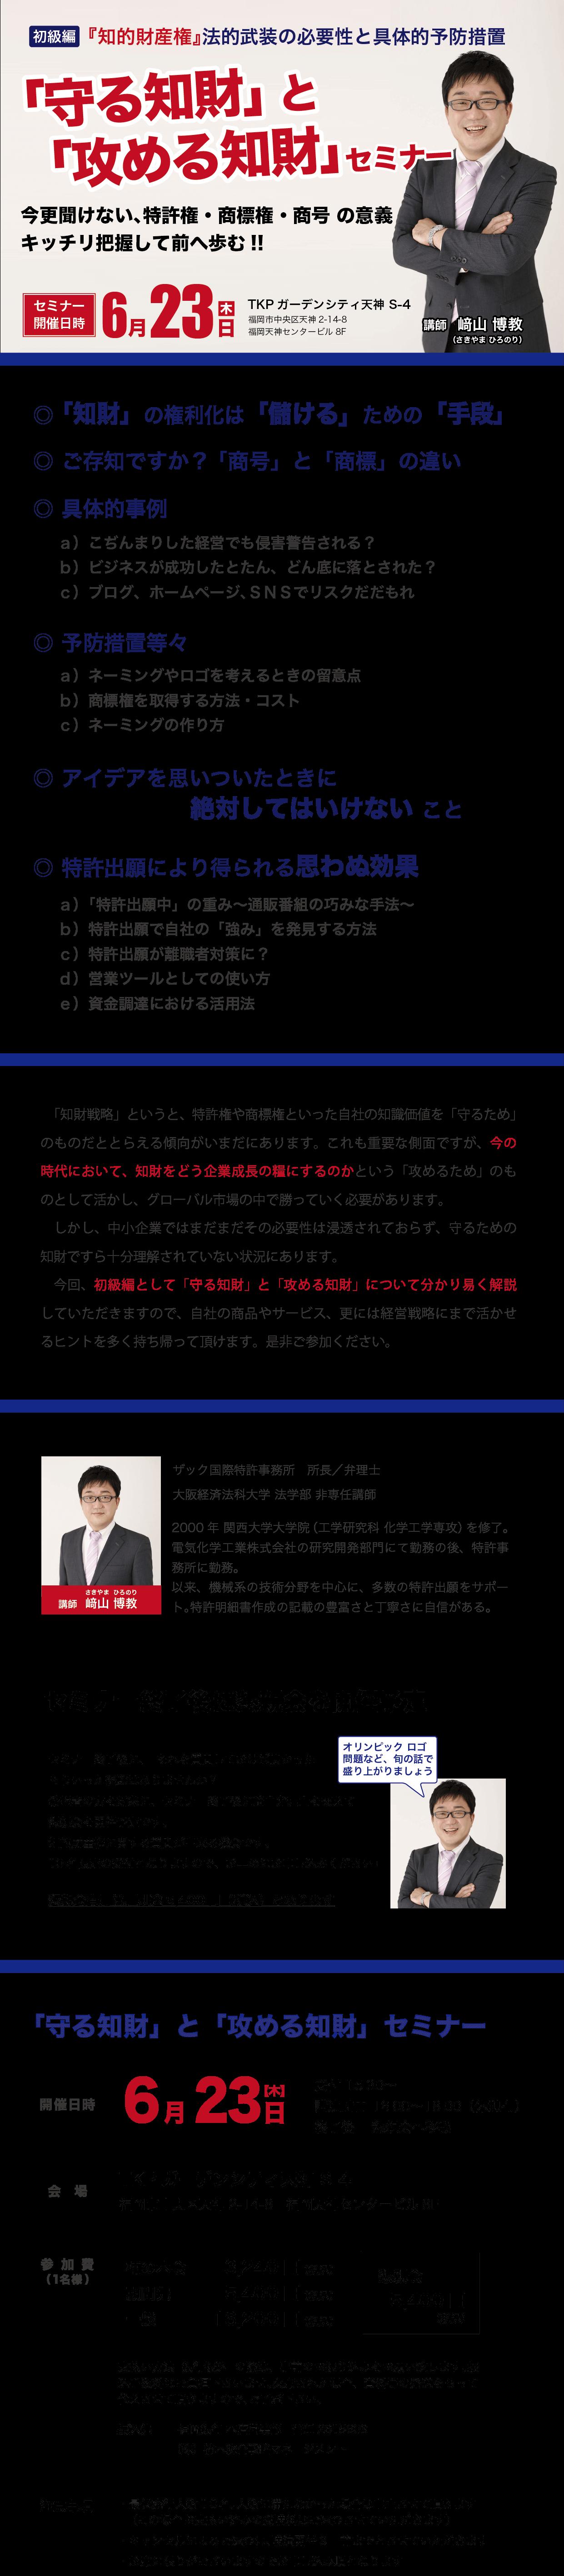 tizai_1